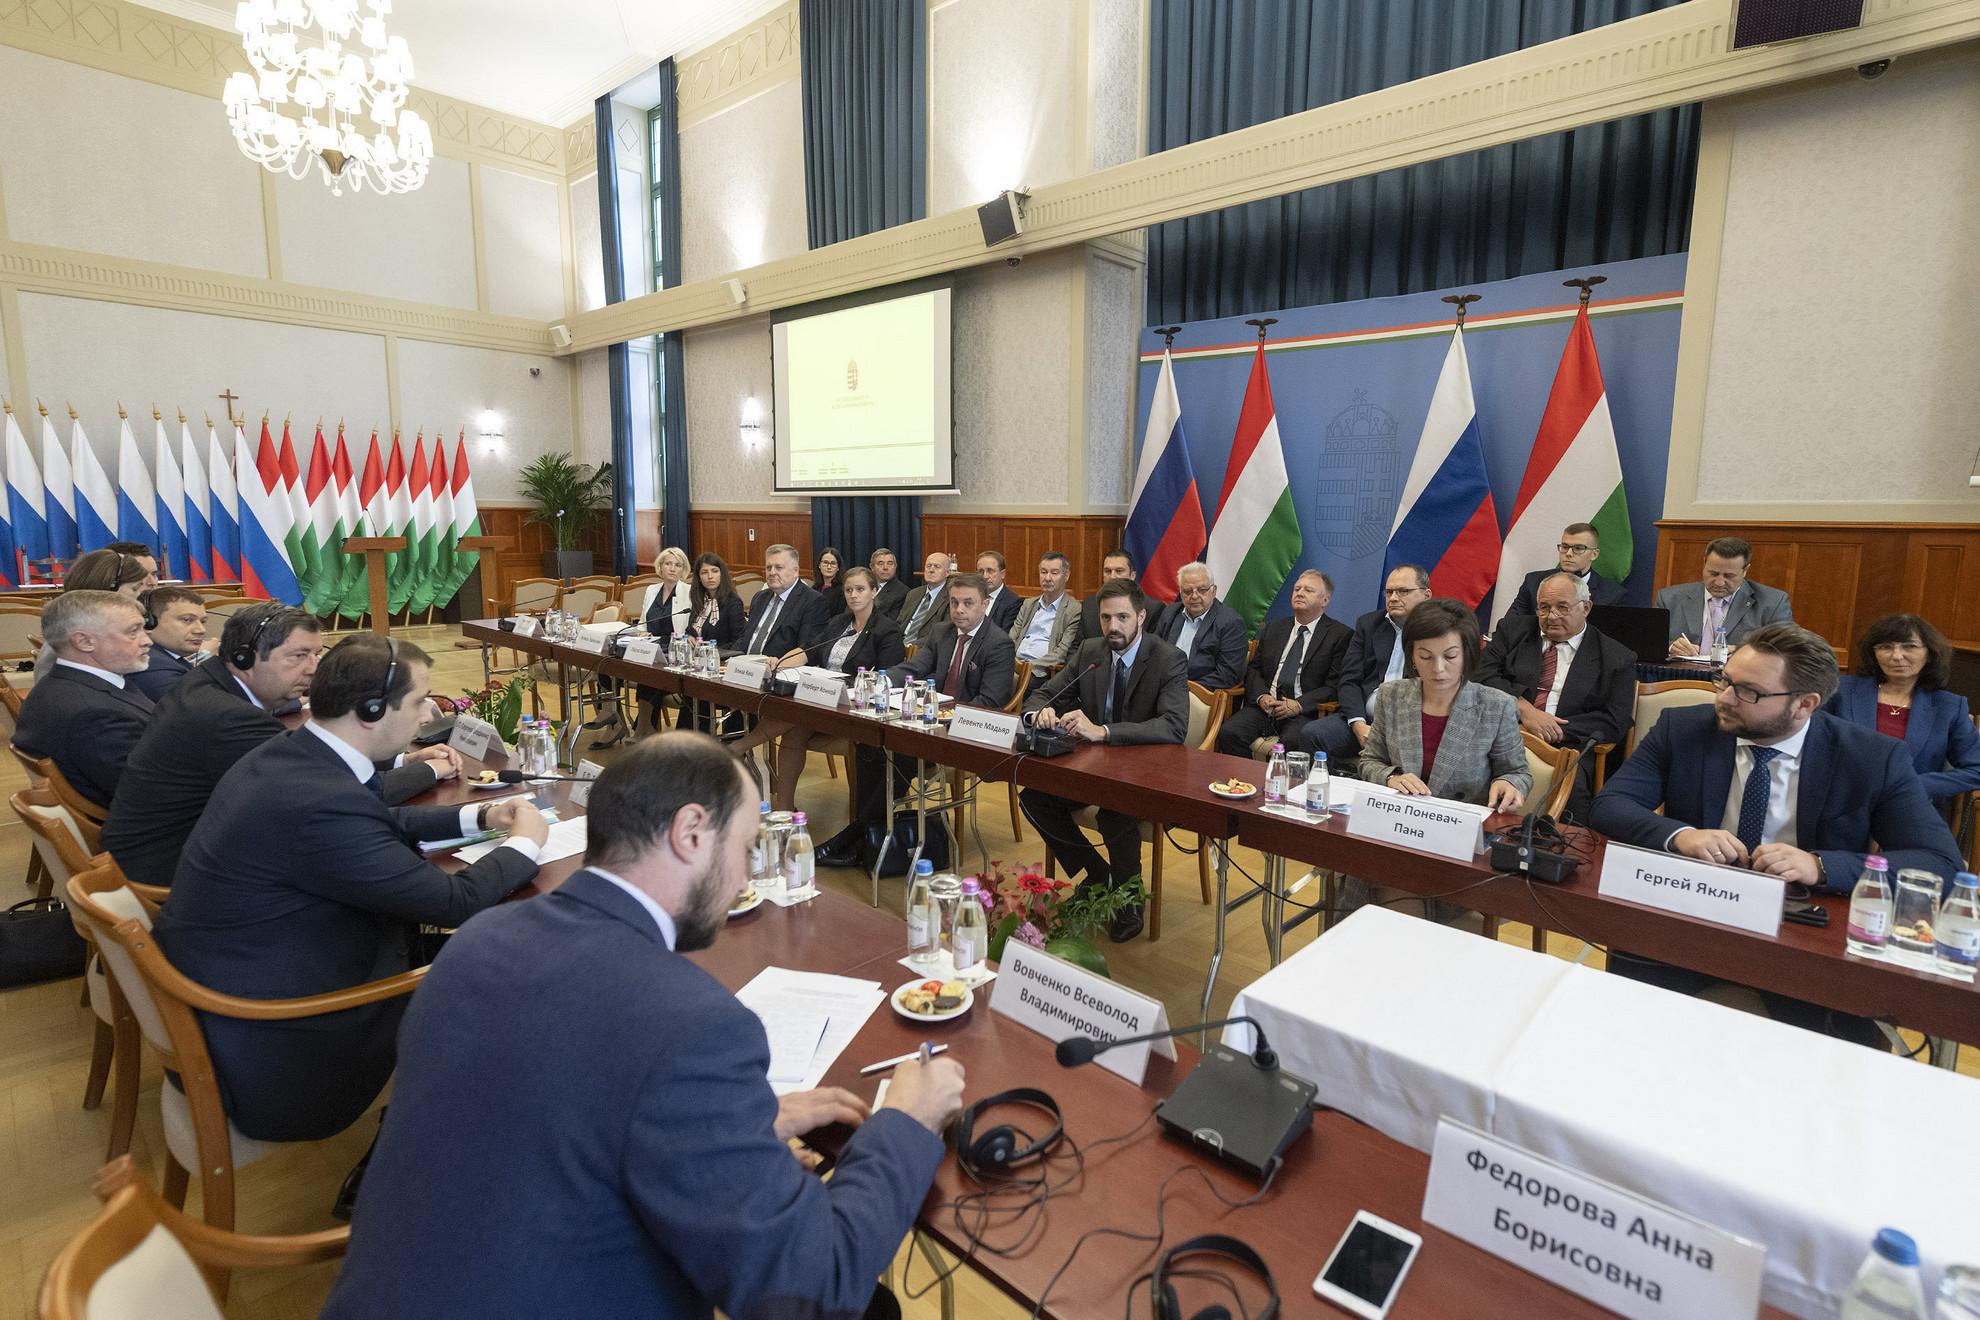 Magyar Levente, a Külgazdasági és Külügyminisztérium (KKM) államtitkára (szemben, j3) és Ilja Toroszov Eduardovics orosz gazdaságfejlesztési miniszterhelyettes (háttal, j2) a Budapesten megalakult Magyar-Orosz Régióközi Együttműködési Kormányközi Bizottság első ülésén